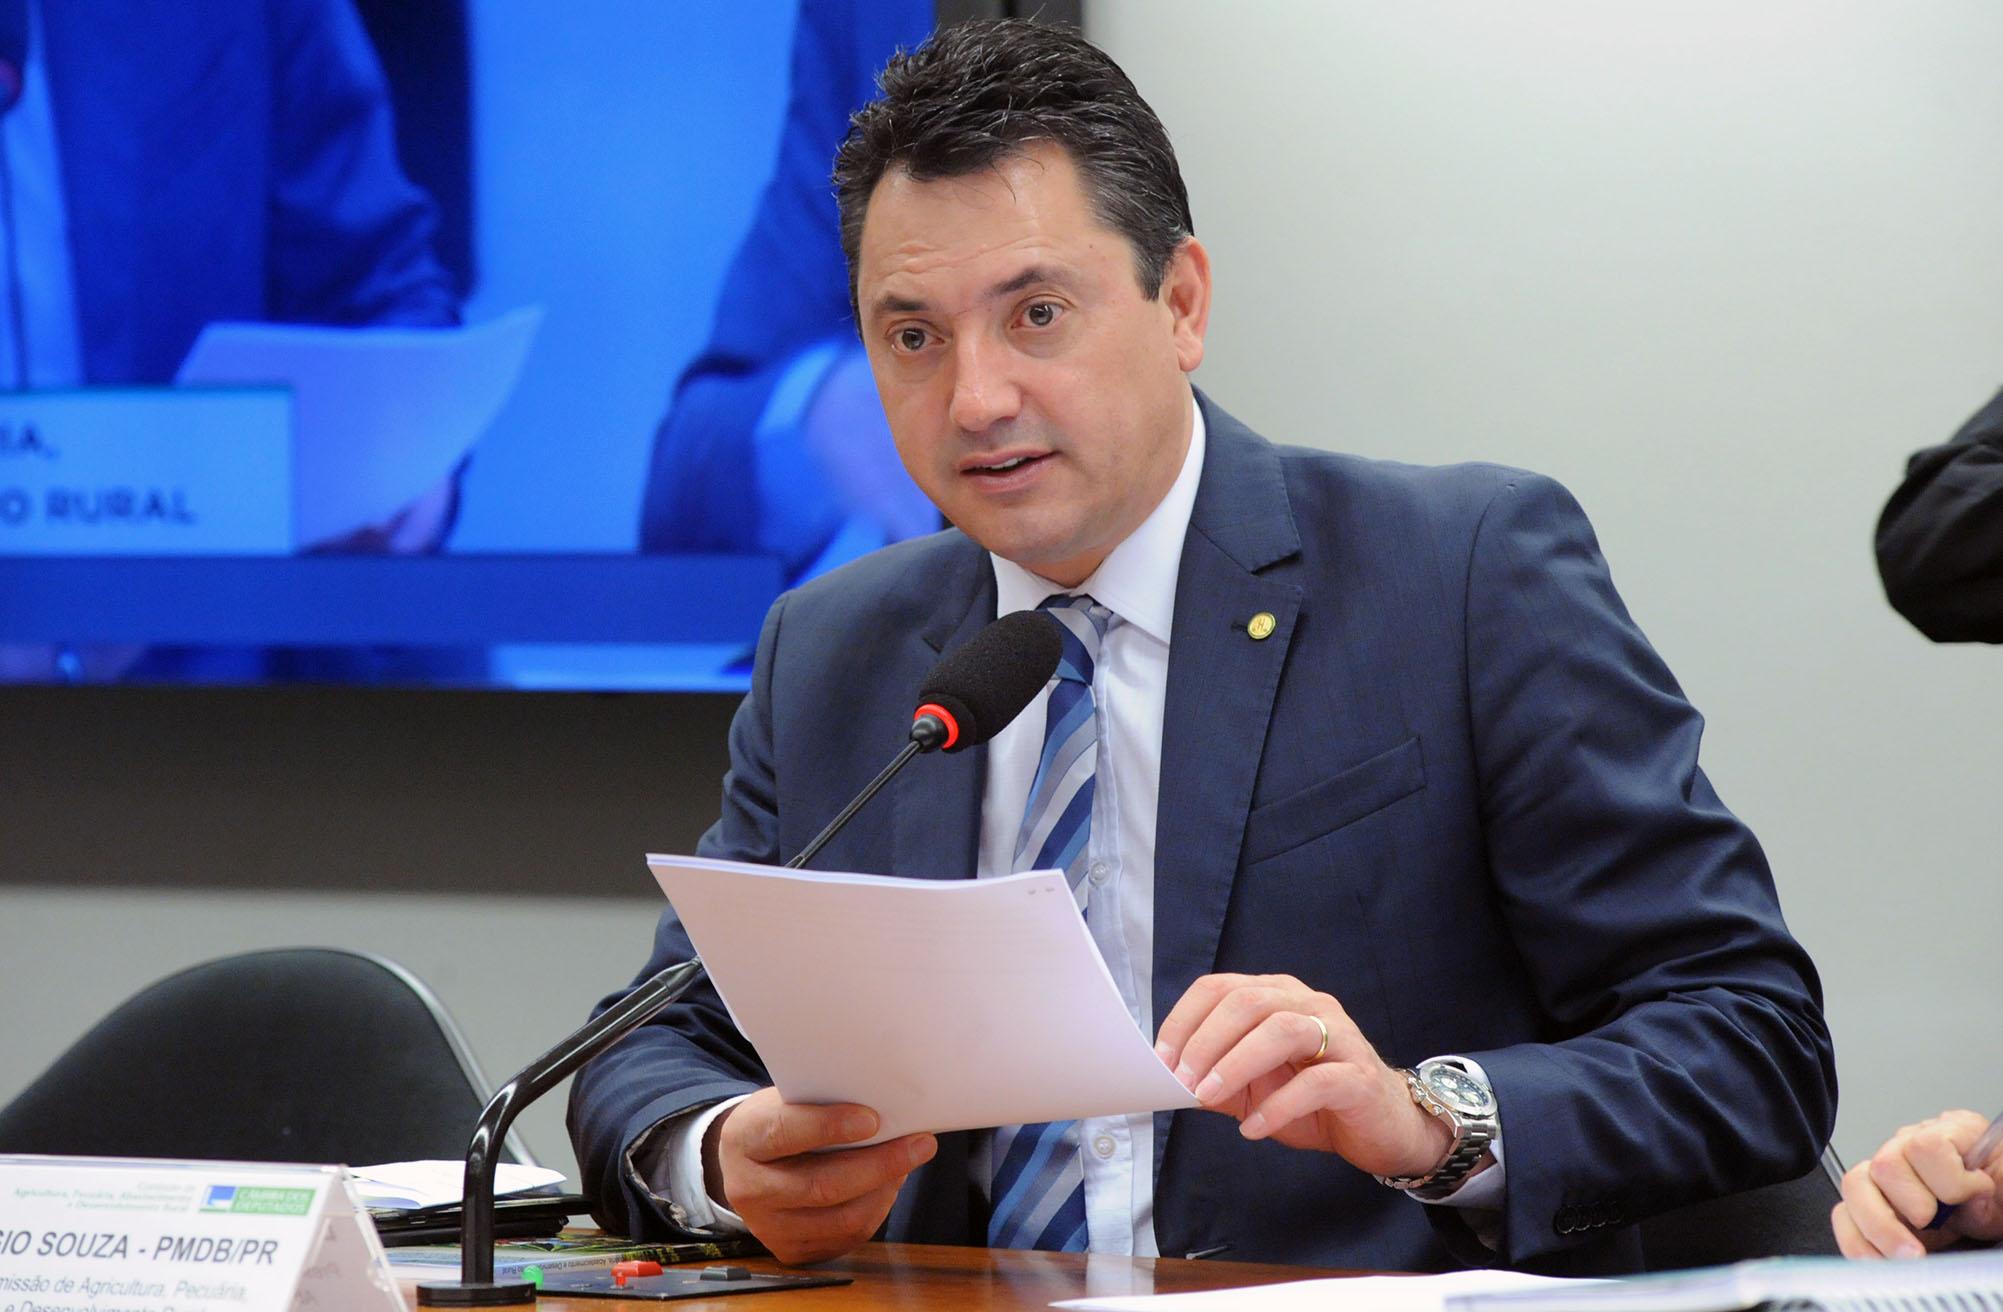 Reunião Ordinária. Dep. Sergio Souza (PMDB - PR)